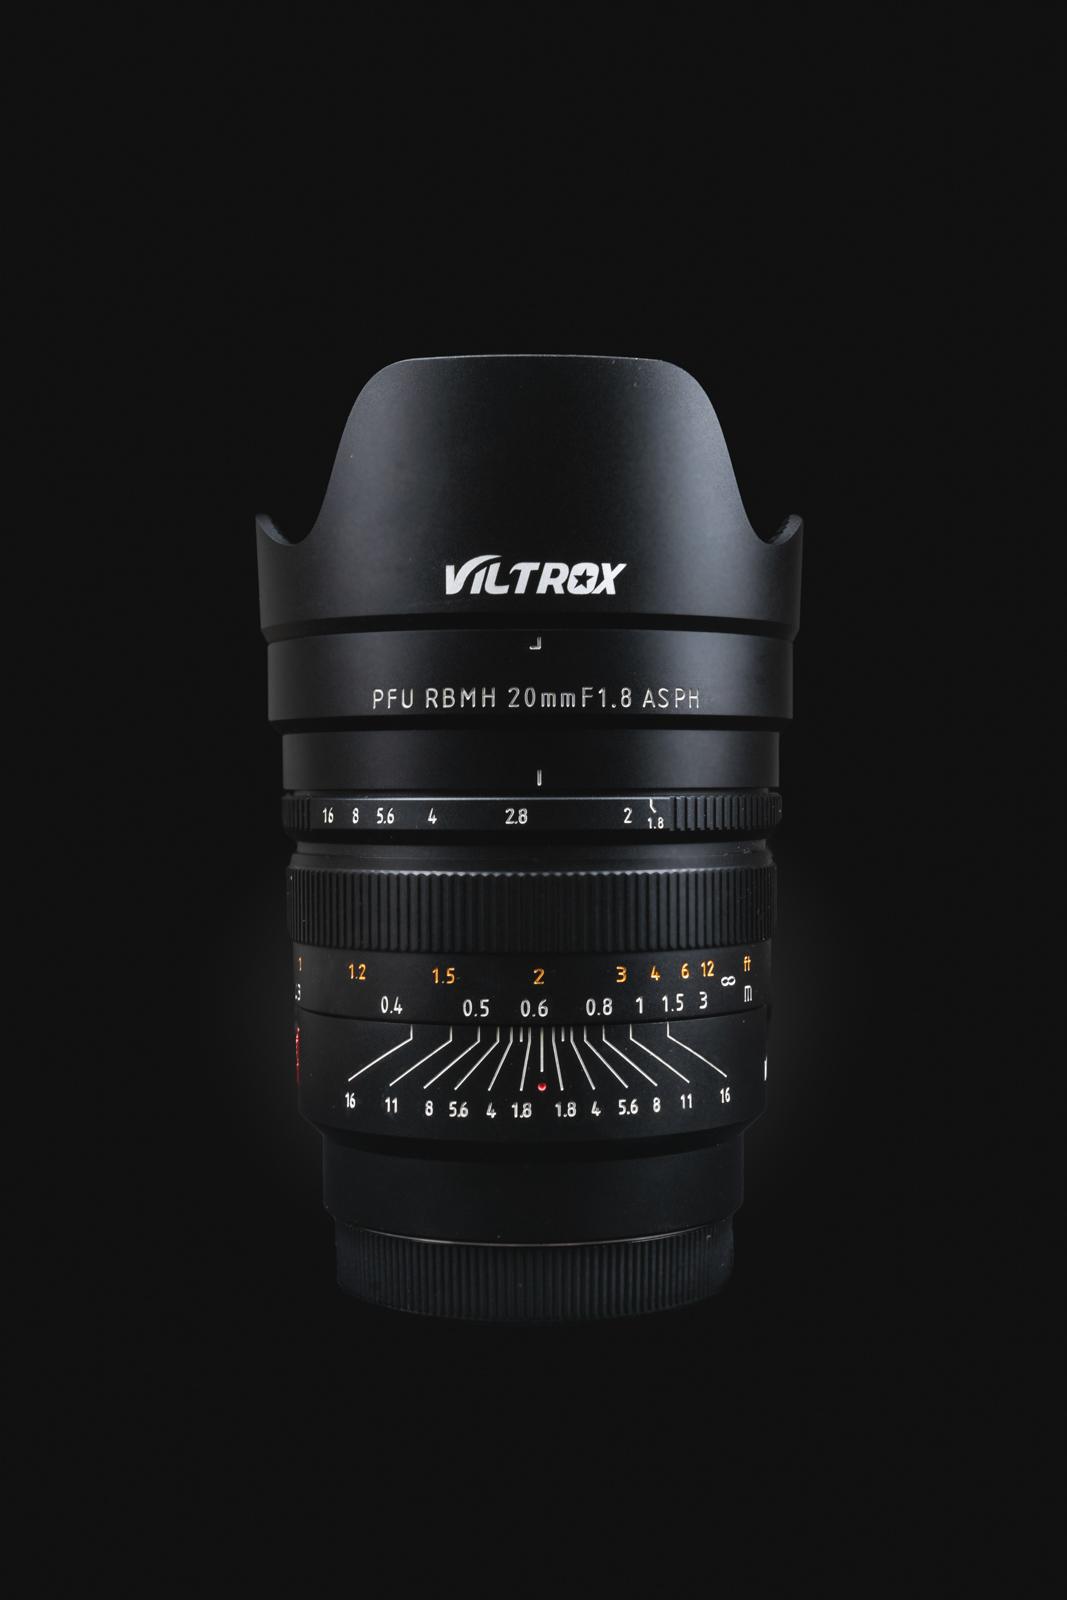 Viltrox PFU RBMH 20mm f/1.8 Sony FE - widok zewnętrzny